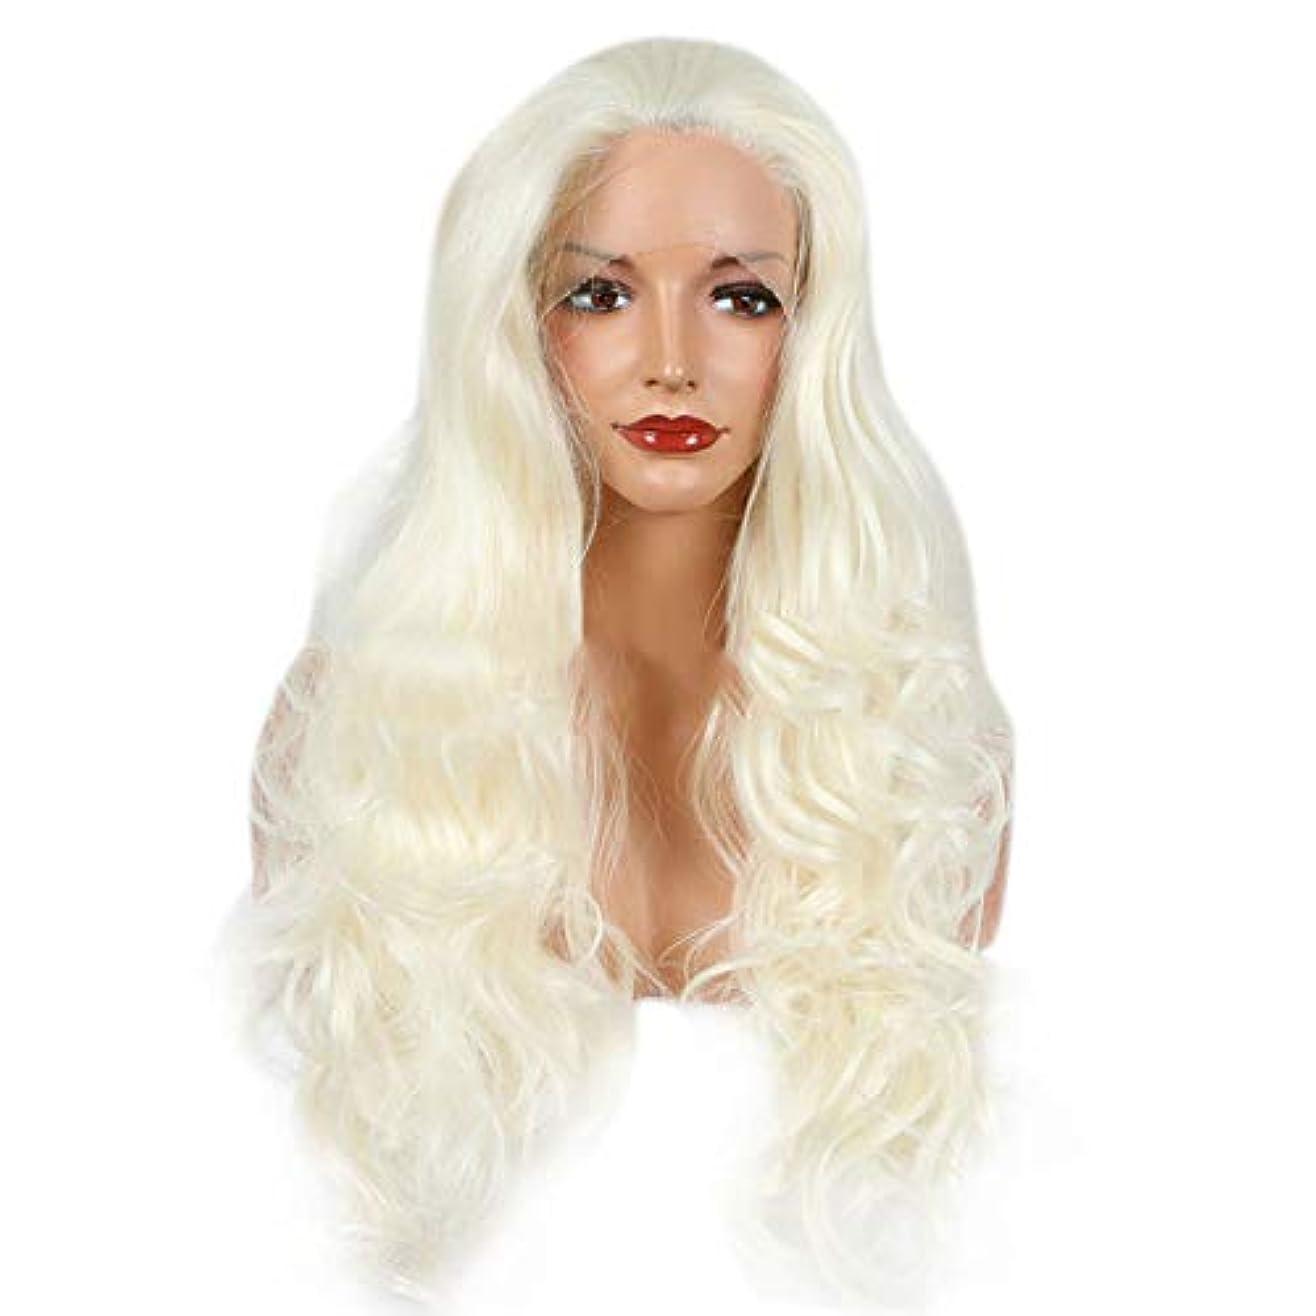 複雑なパンツフィルタYOUQIU 女性ウィッグキャップカーリーヘアウィッグで女子ショートボブスタイル (色 : Cremy-white)